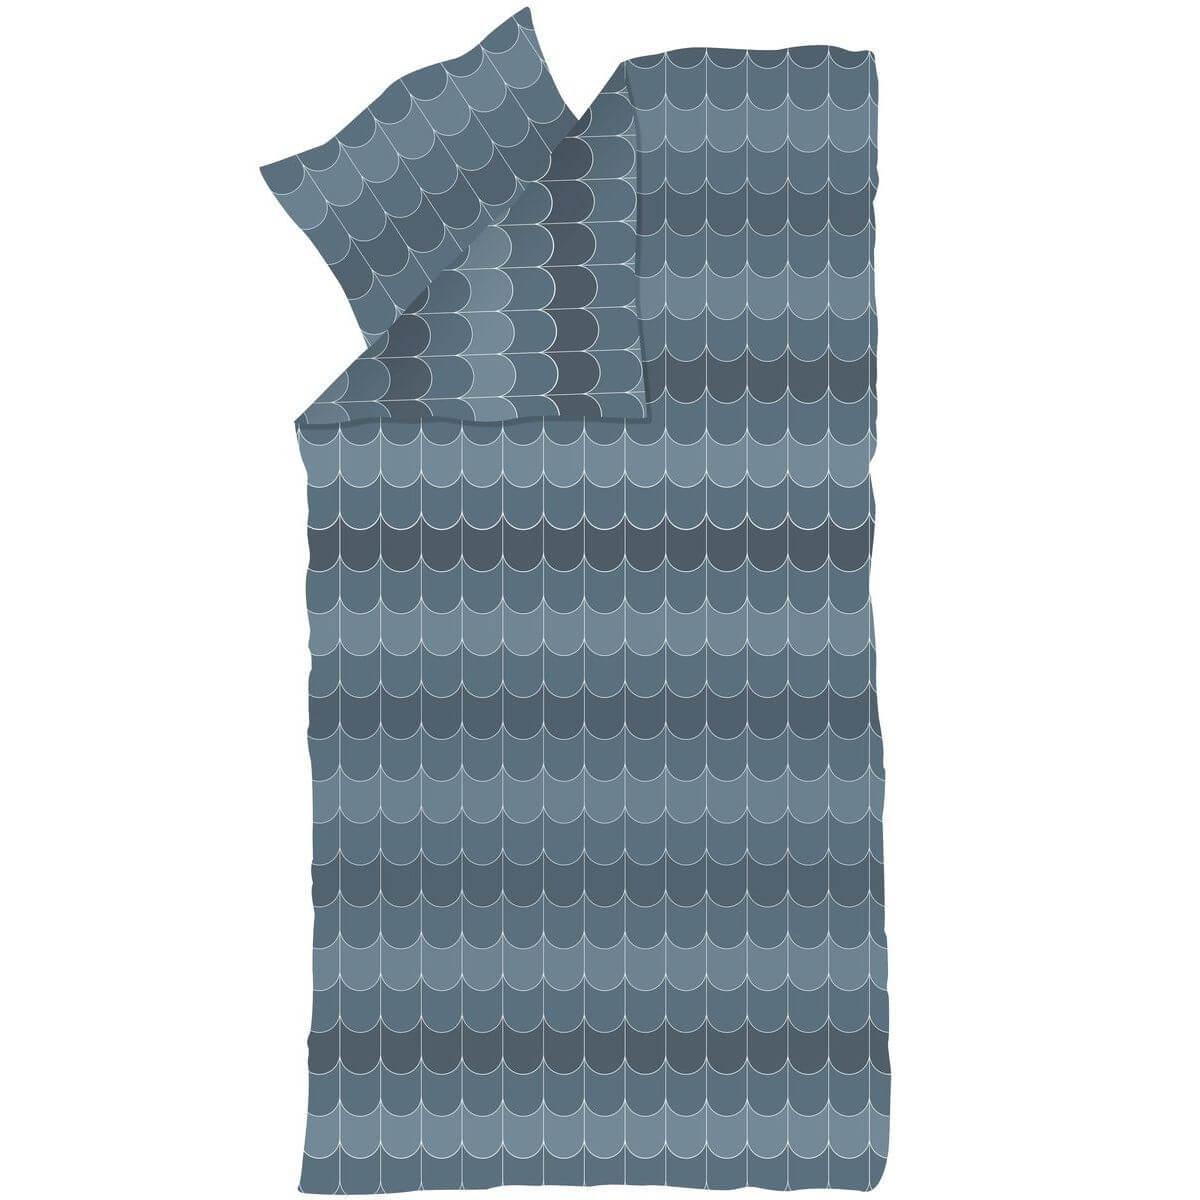 Kinder-Bettwäsche 140x200cm-Kissenbezug 50x70cm POPSICLE Flexa blueberry